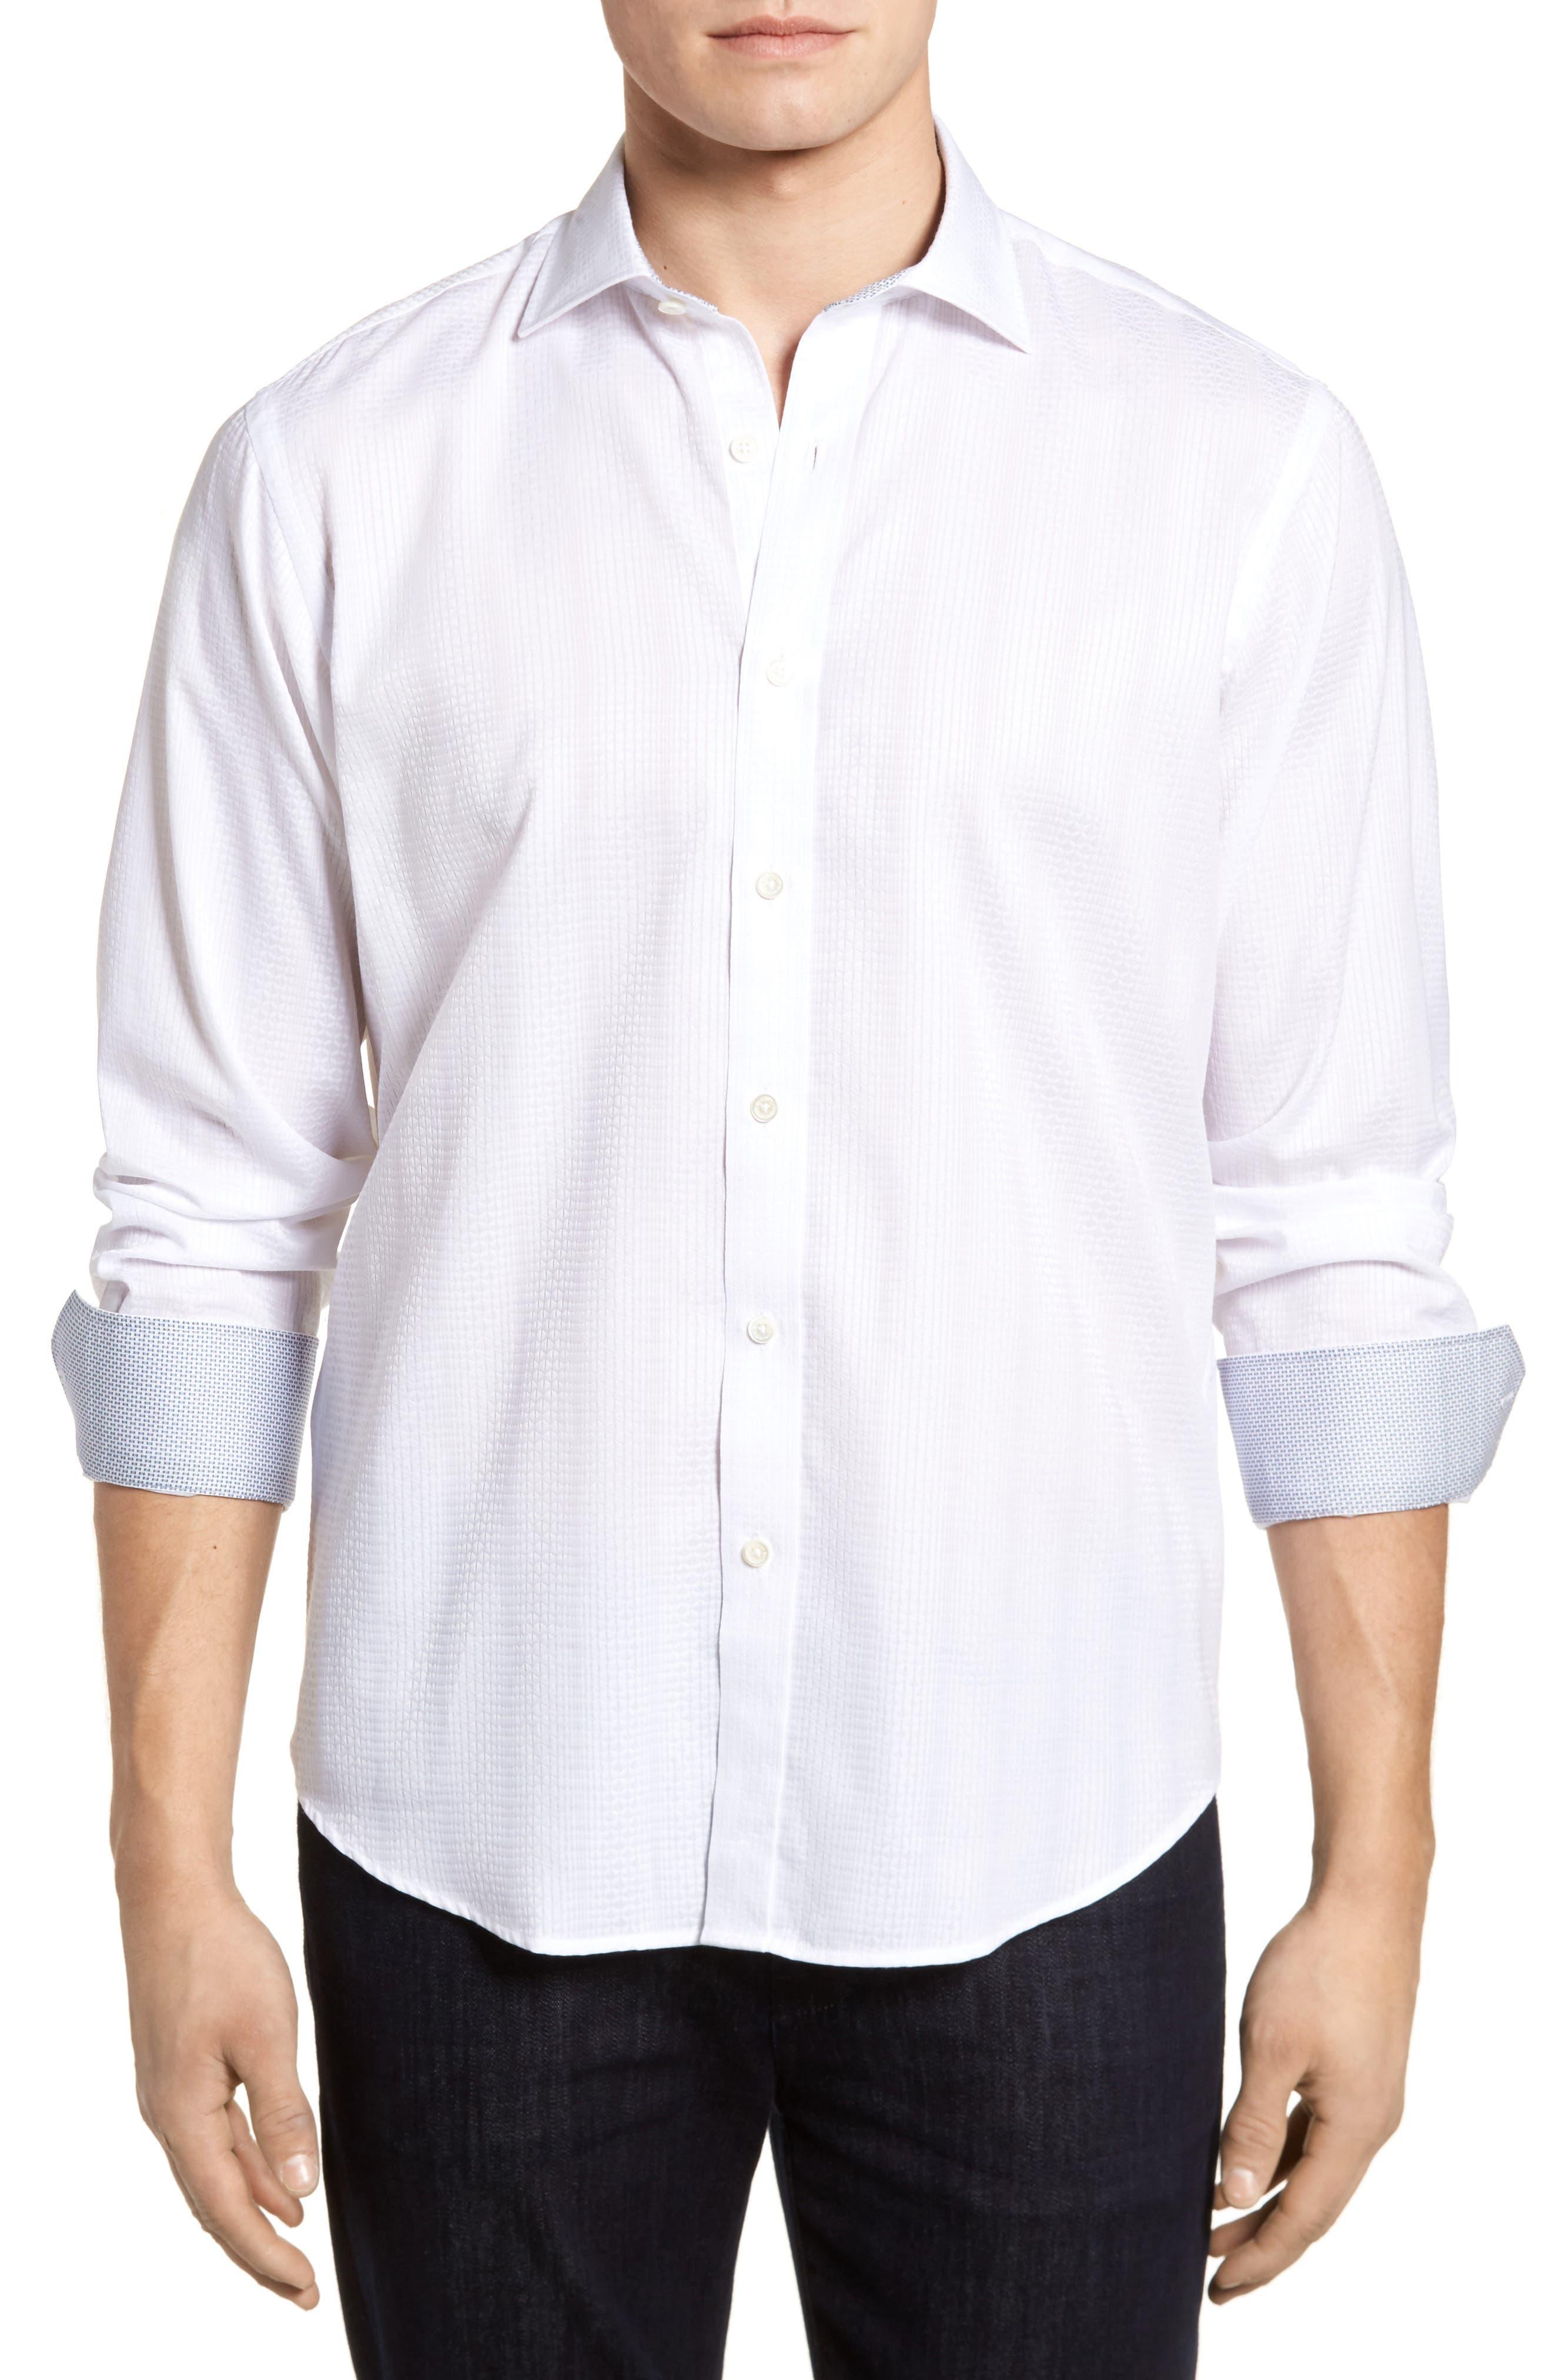 Tonal Diamond Jacquard Classic Fit Sport Shirt,                             Main thumbnail 1, color,                             White